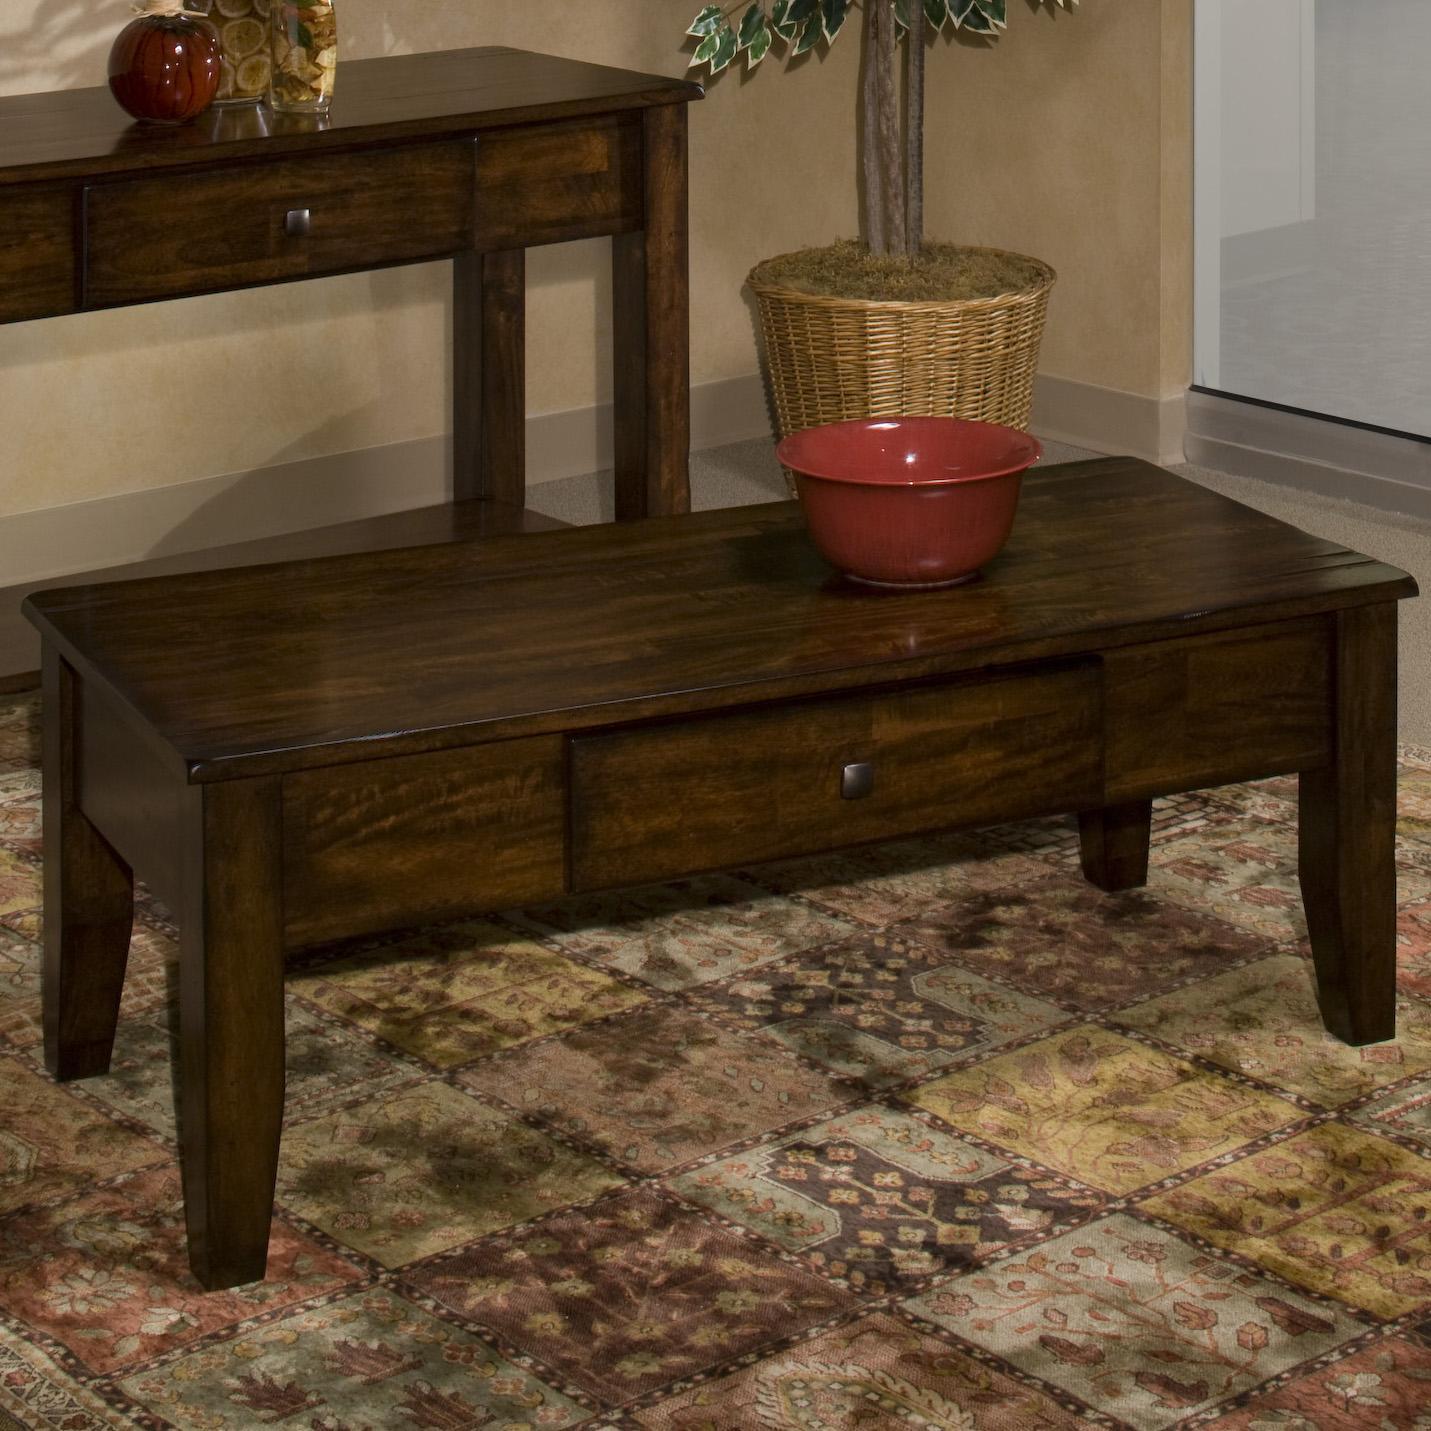 Belfort Select Cabin Creek Mango Wood Coffee Table   Belfort Furniture    Cocktail/Coffee Tables